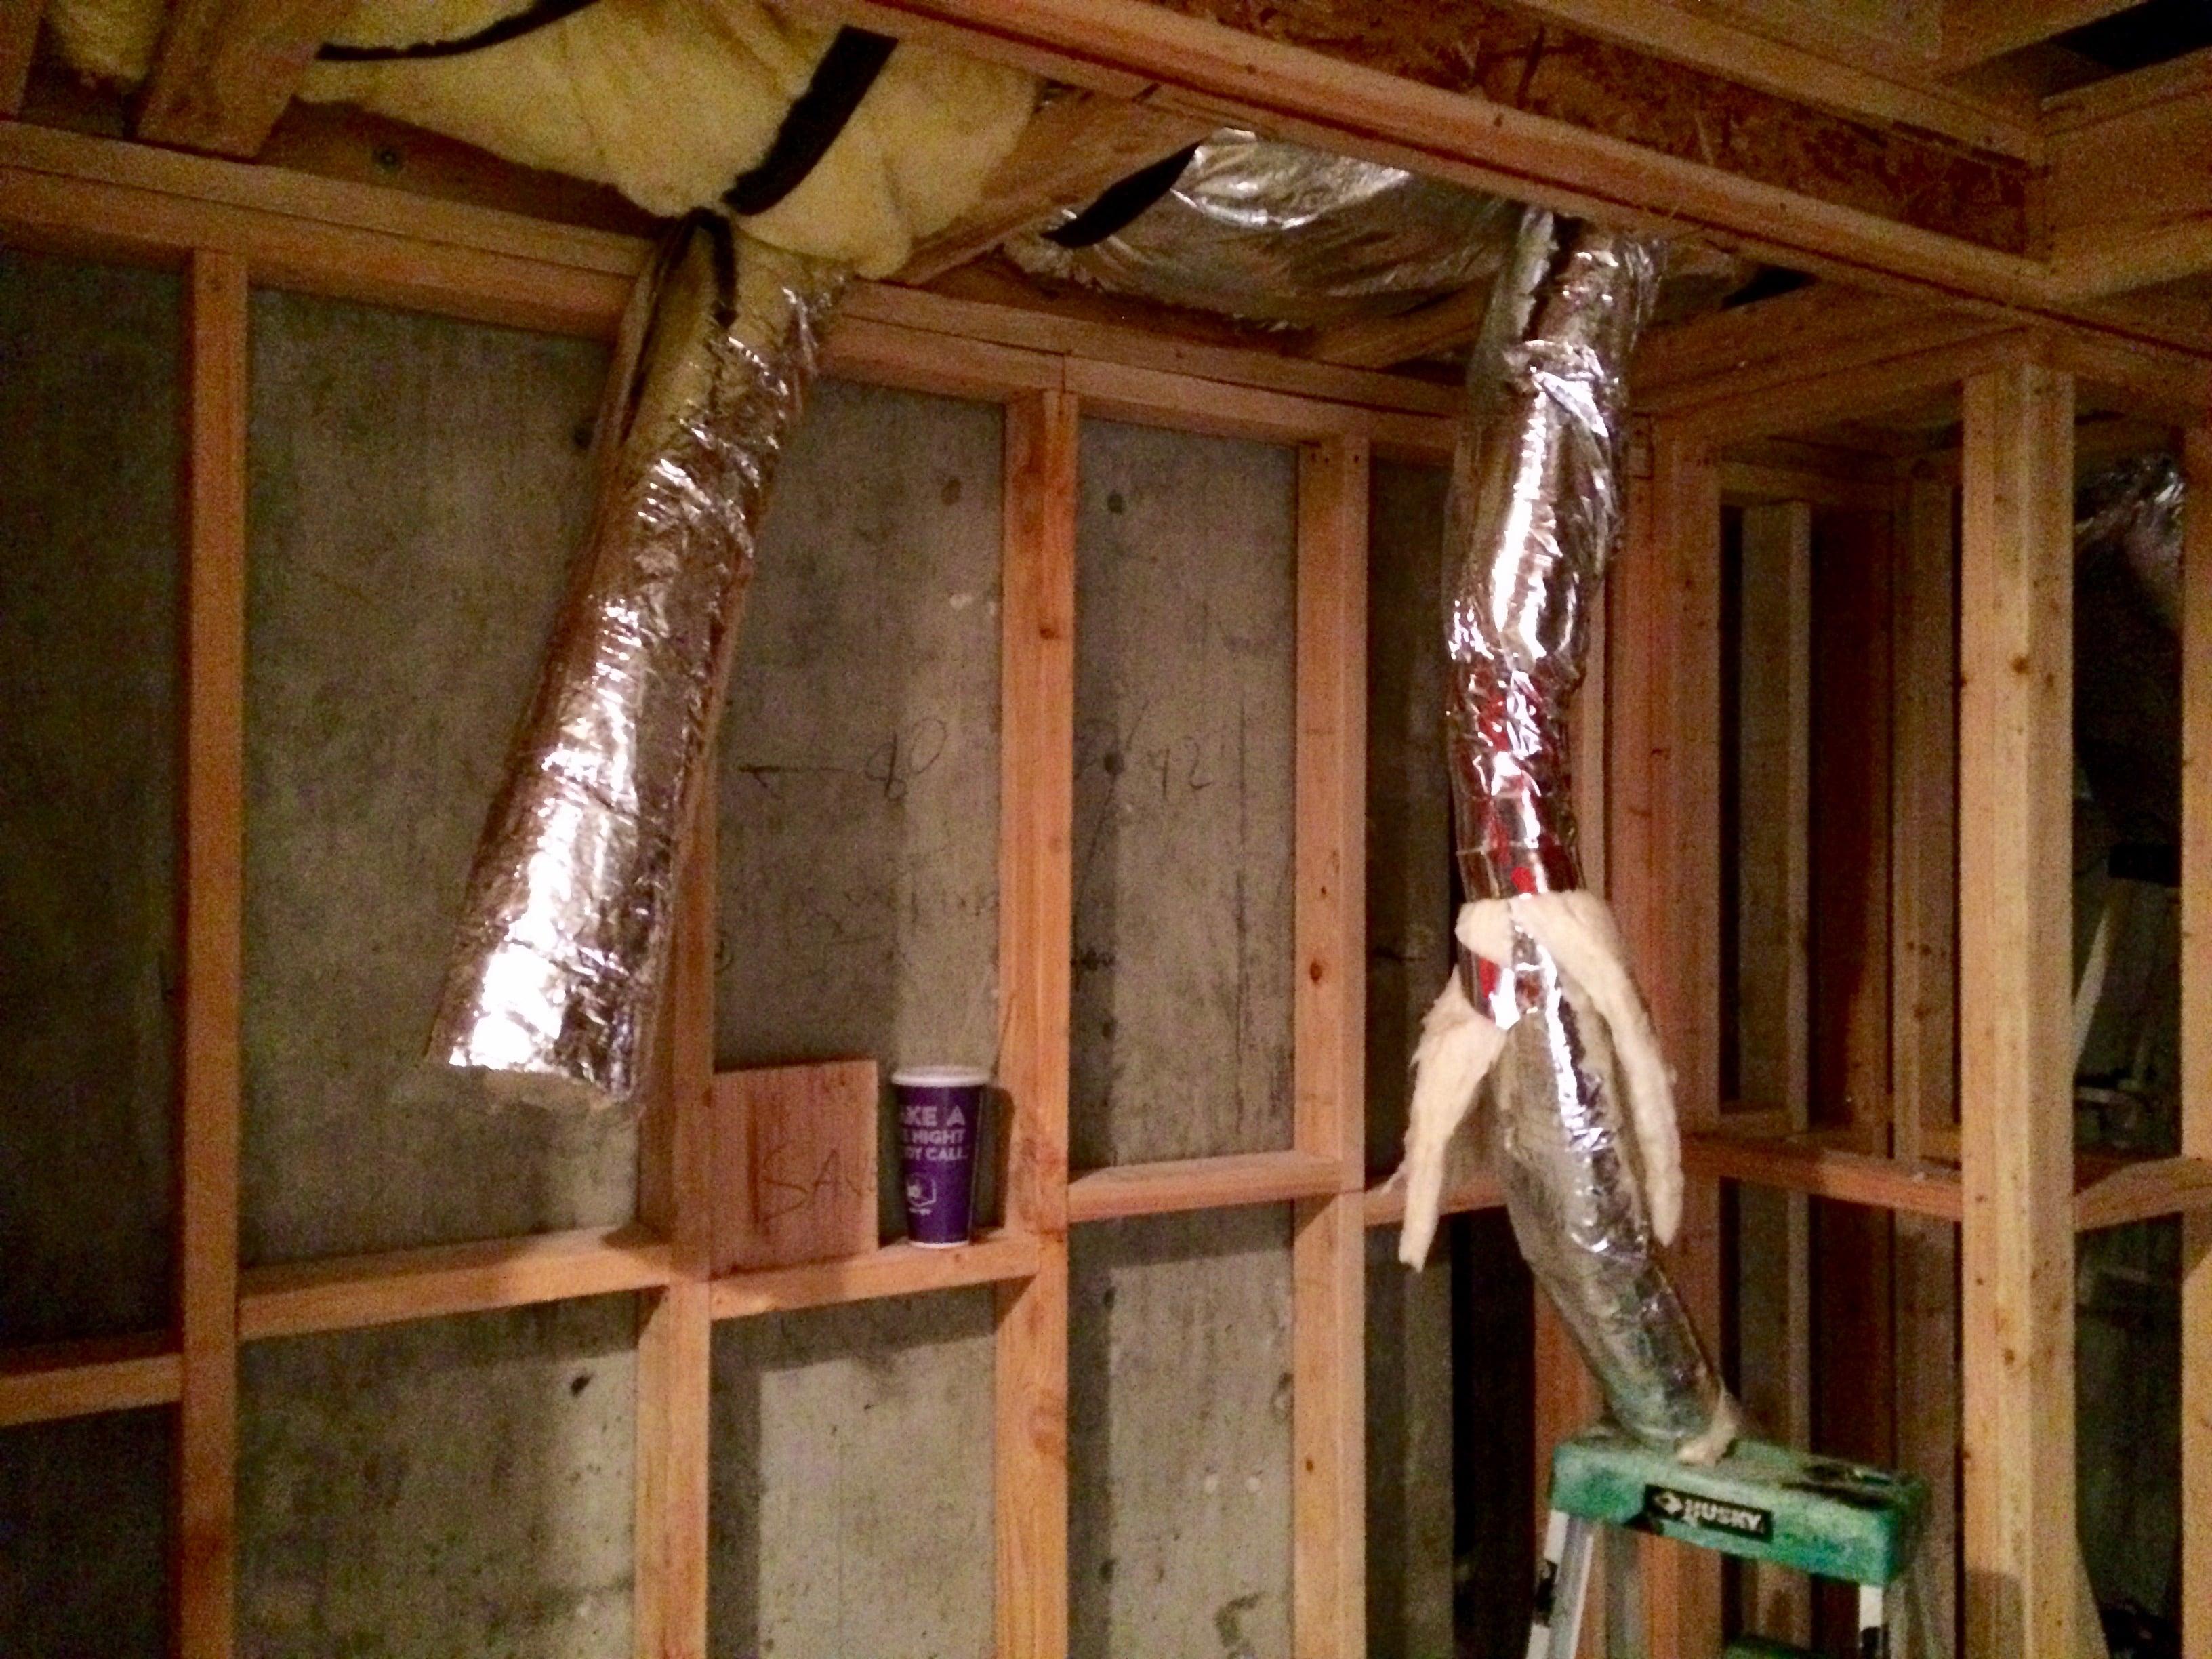 Aluminum flex ducting